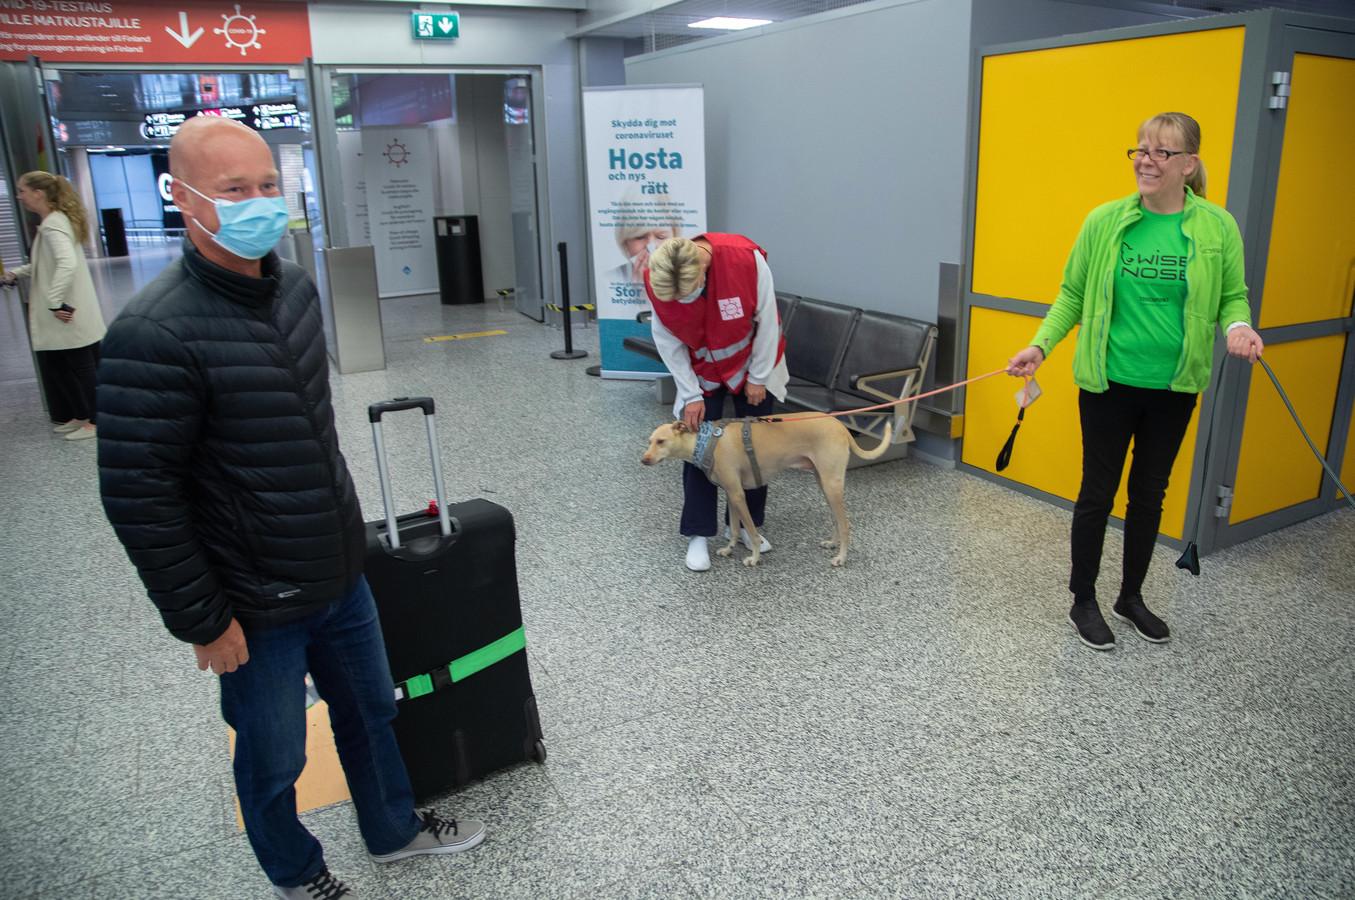 L'aéroport compte sur des chiens pour repérer les personnes atteintes par le coronavirus